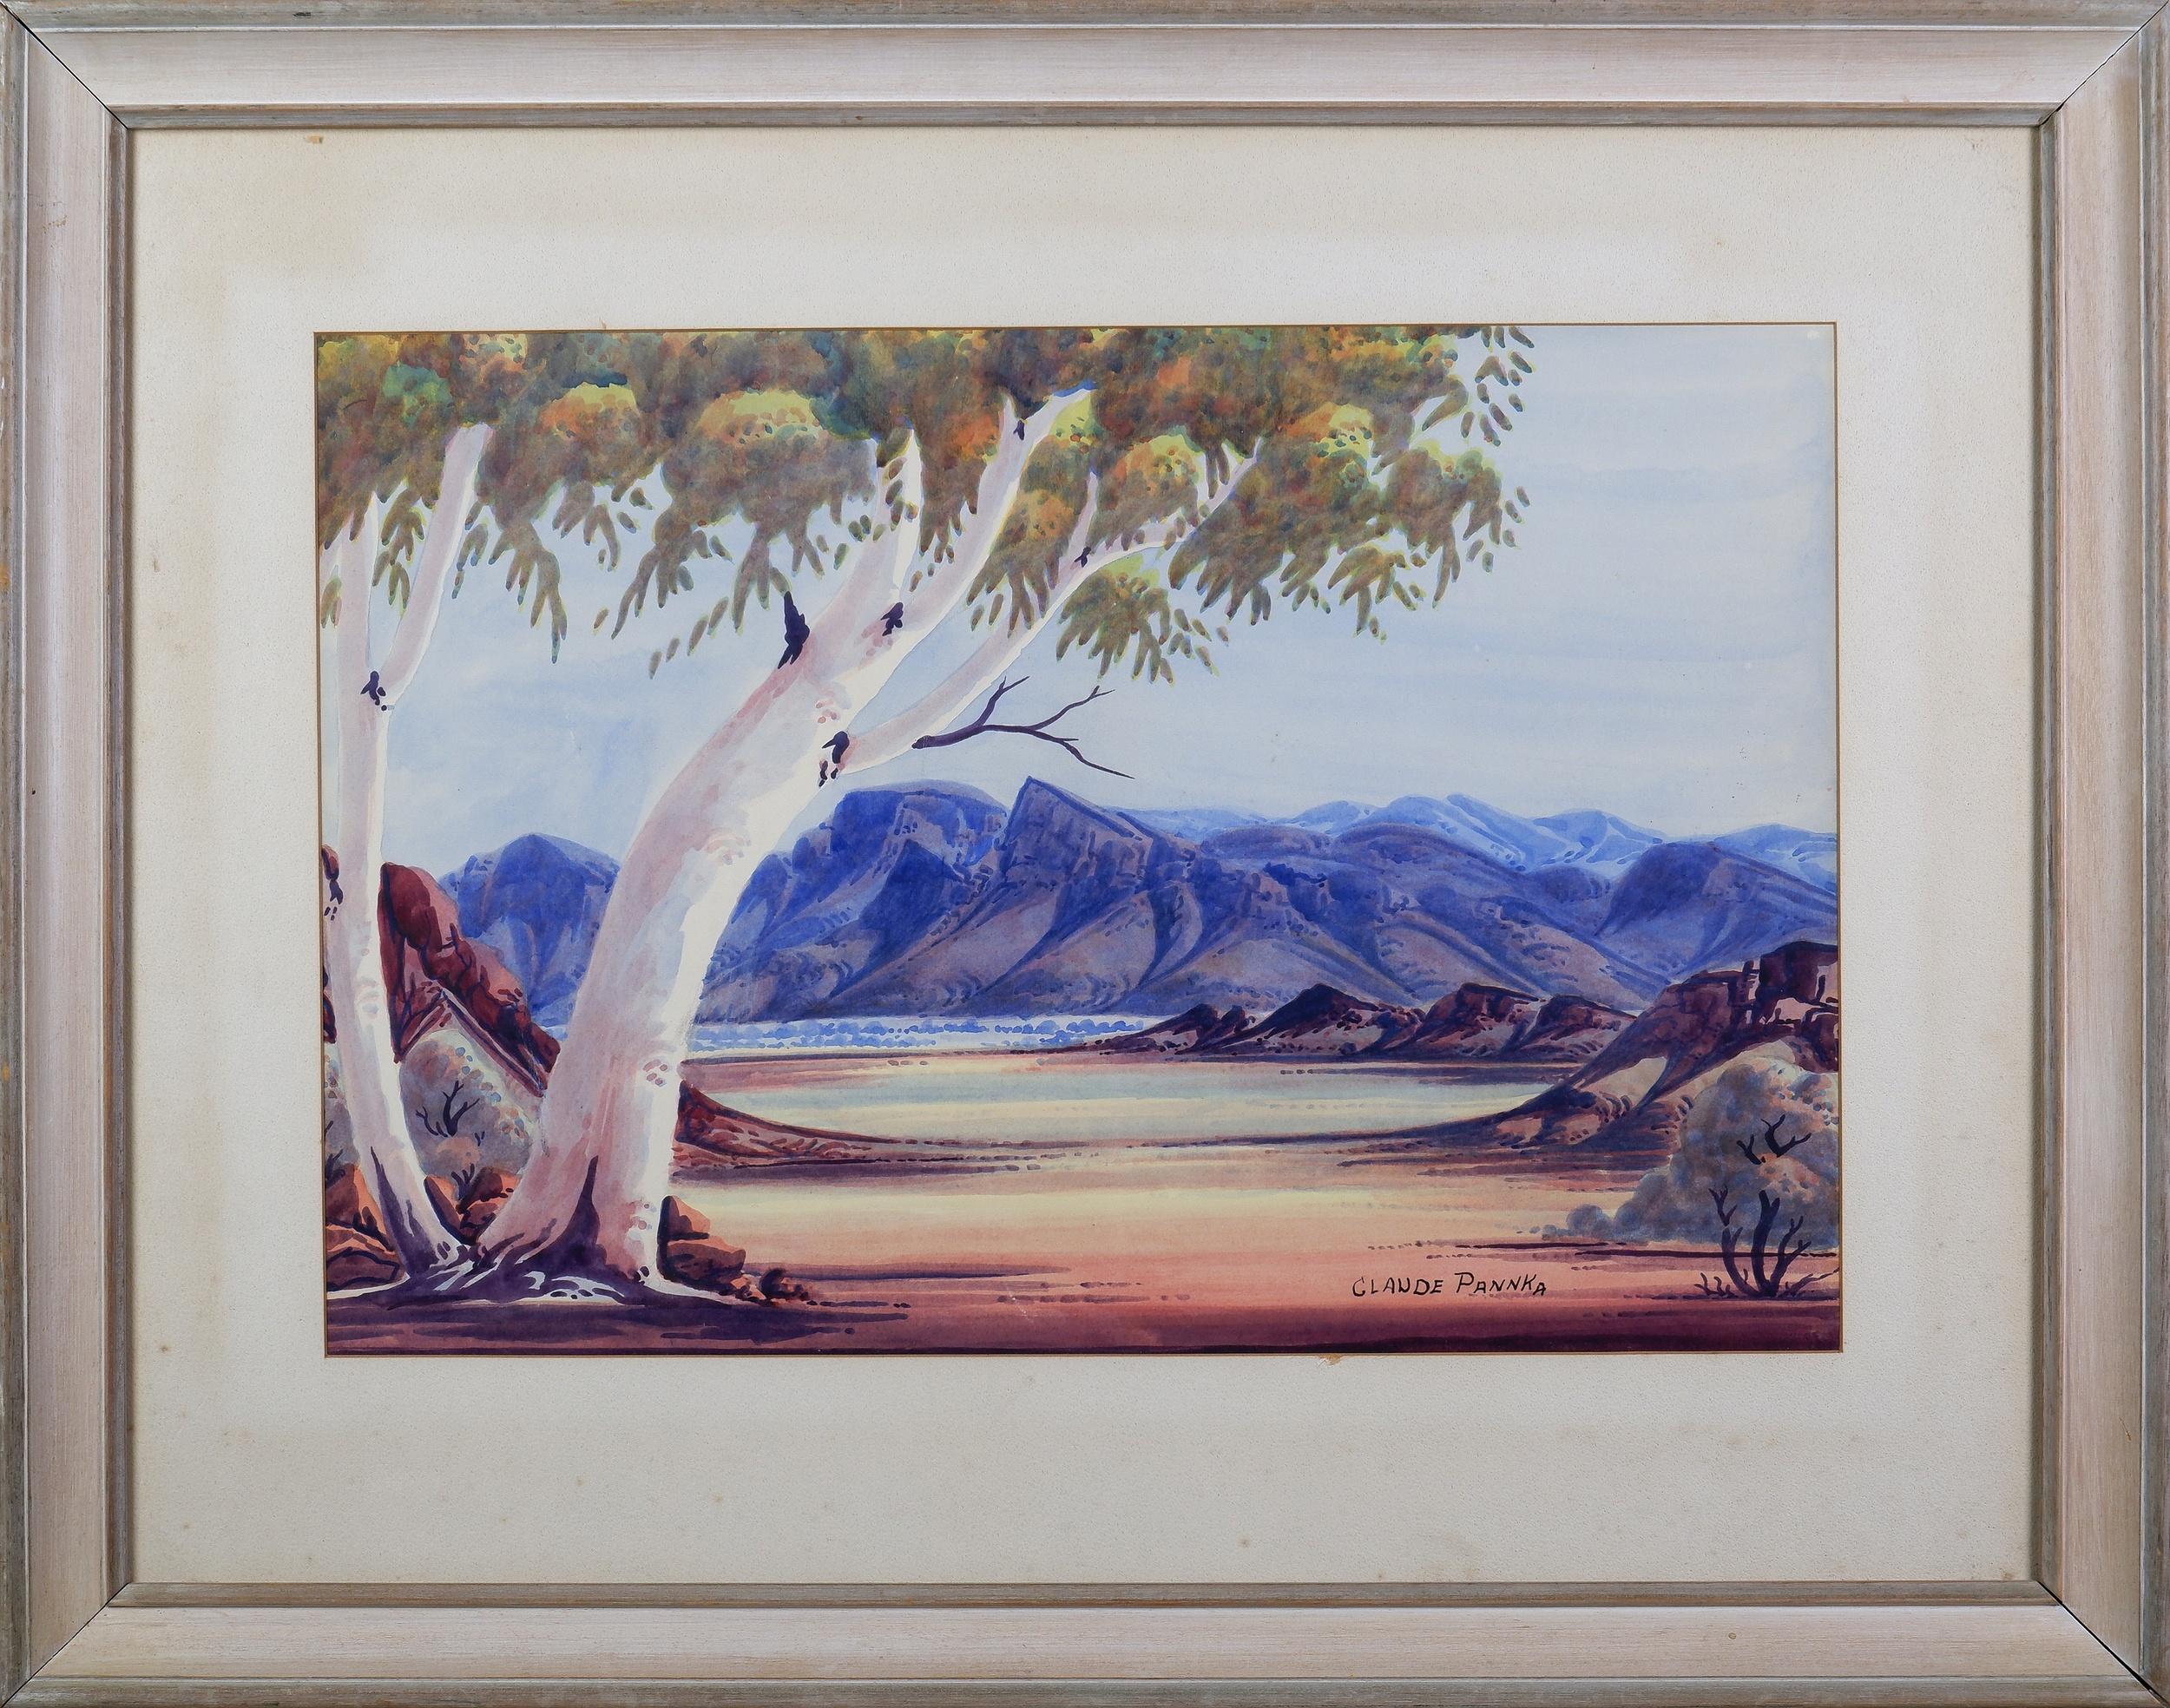 'Claude Pannka (1928-1972), Central Australian Landscape, Watercolour, 34.5 x 51 cm'